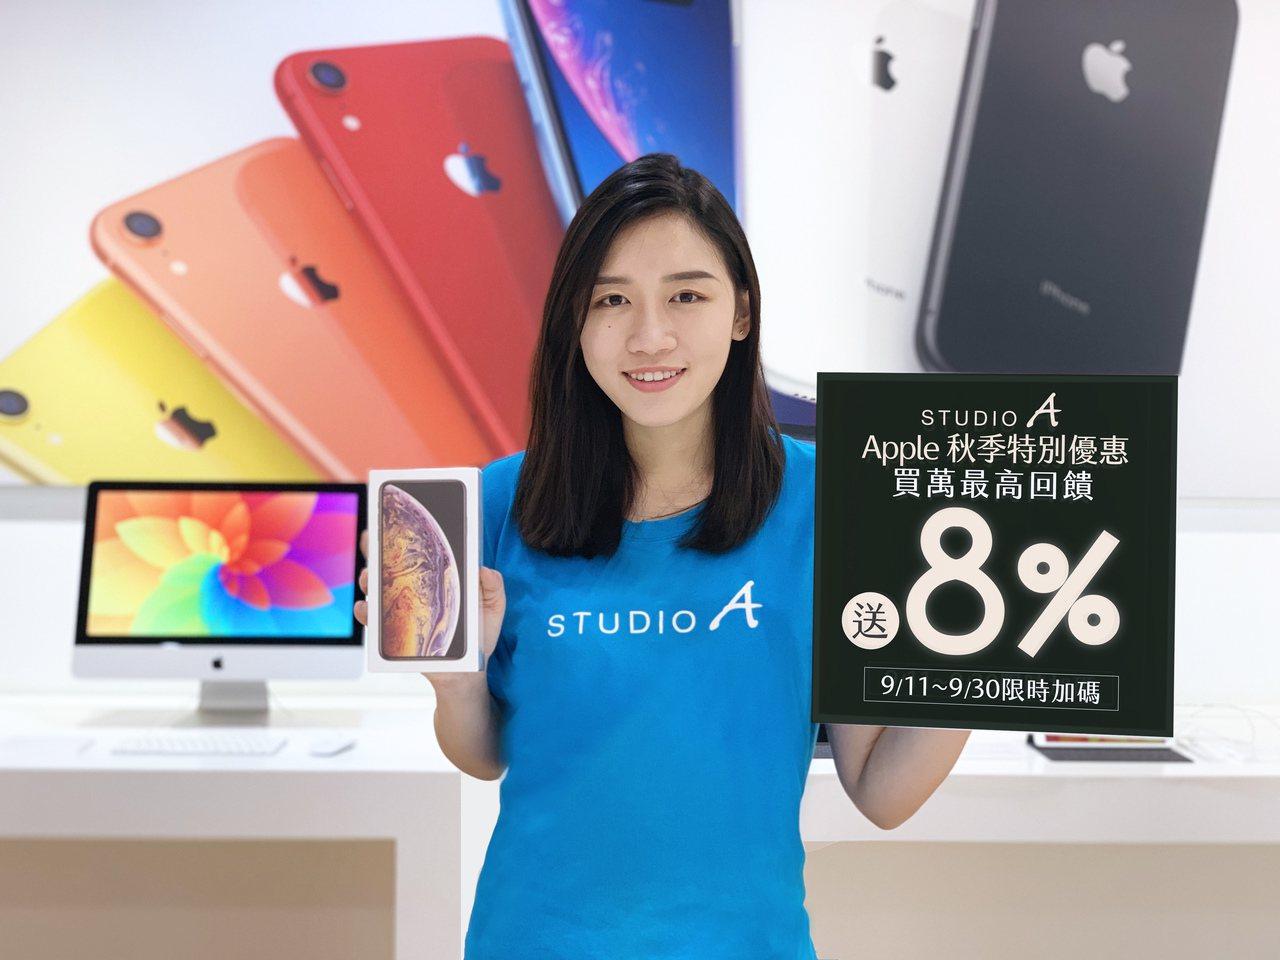 STUDIO A於 9月11日起推出Apple秋季特別禮券,9月11日至9月30...